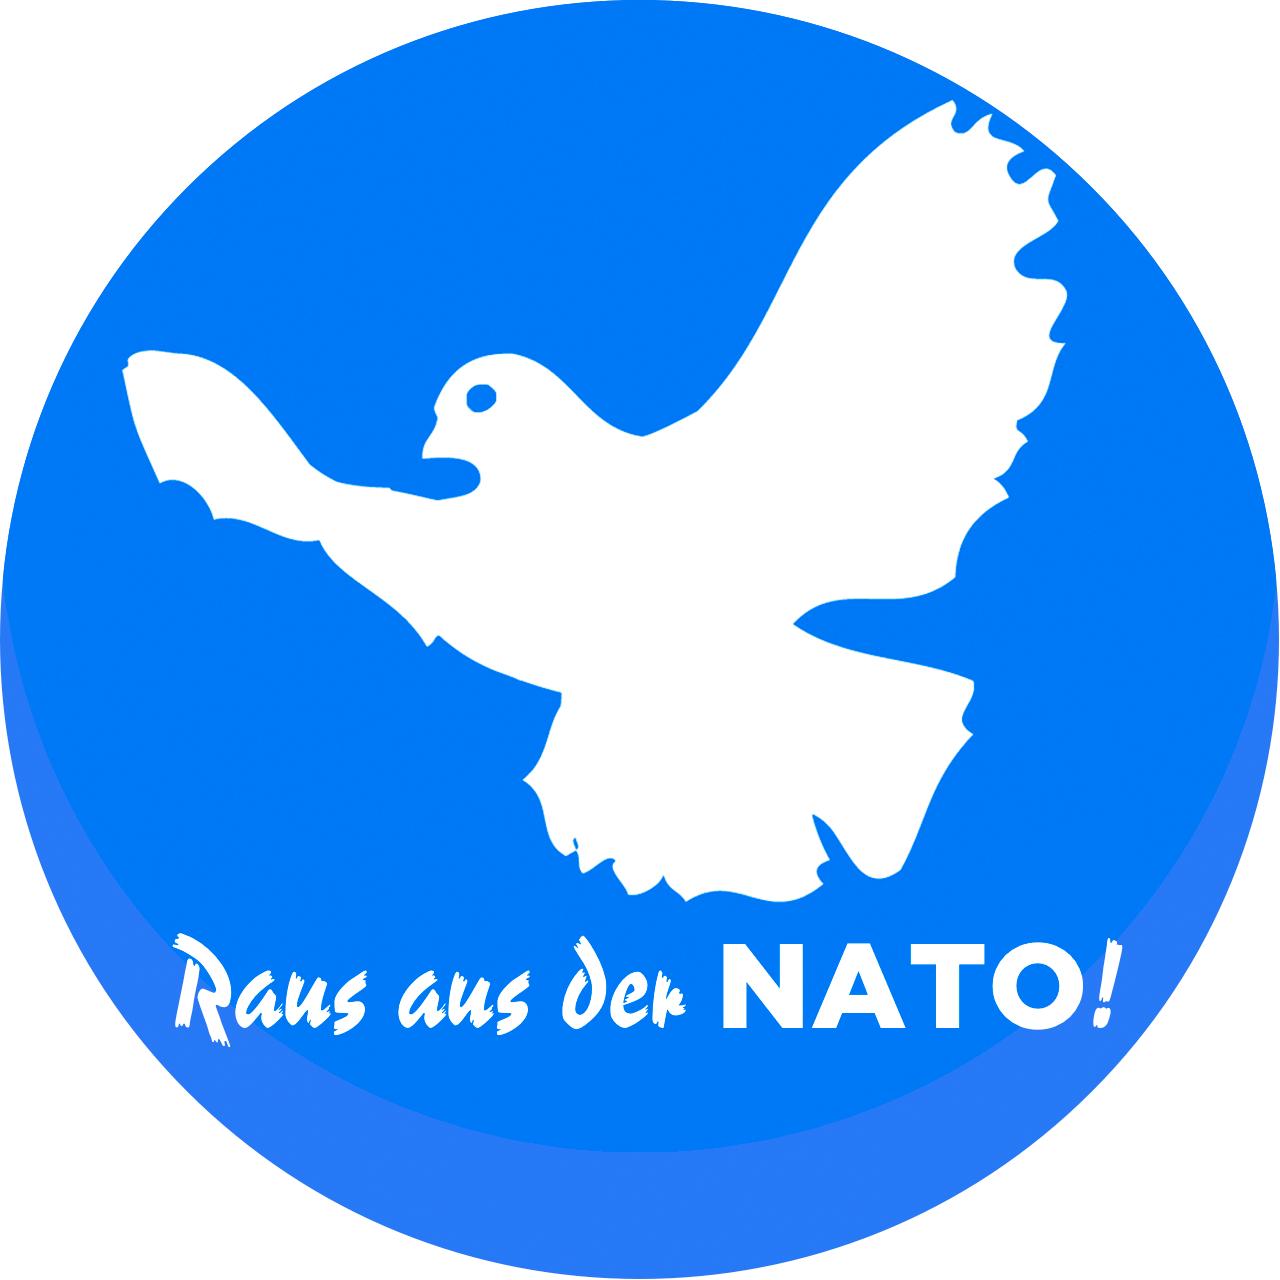 Friedentaube